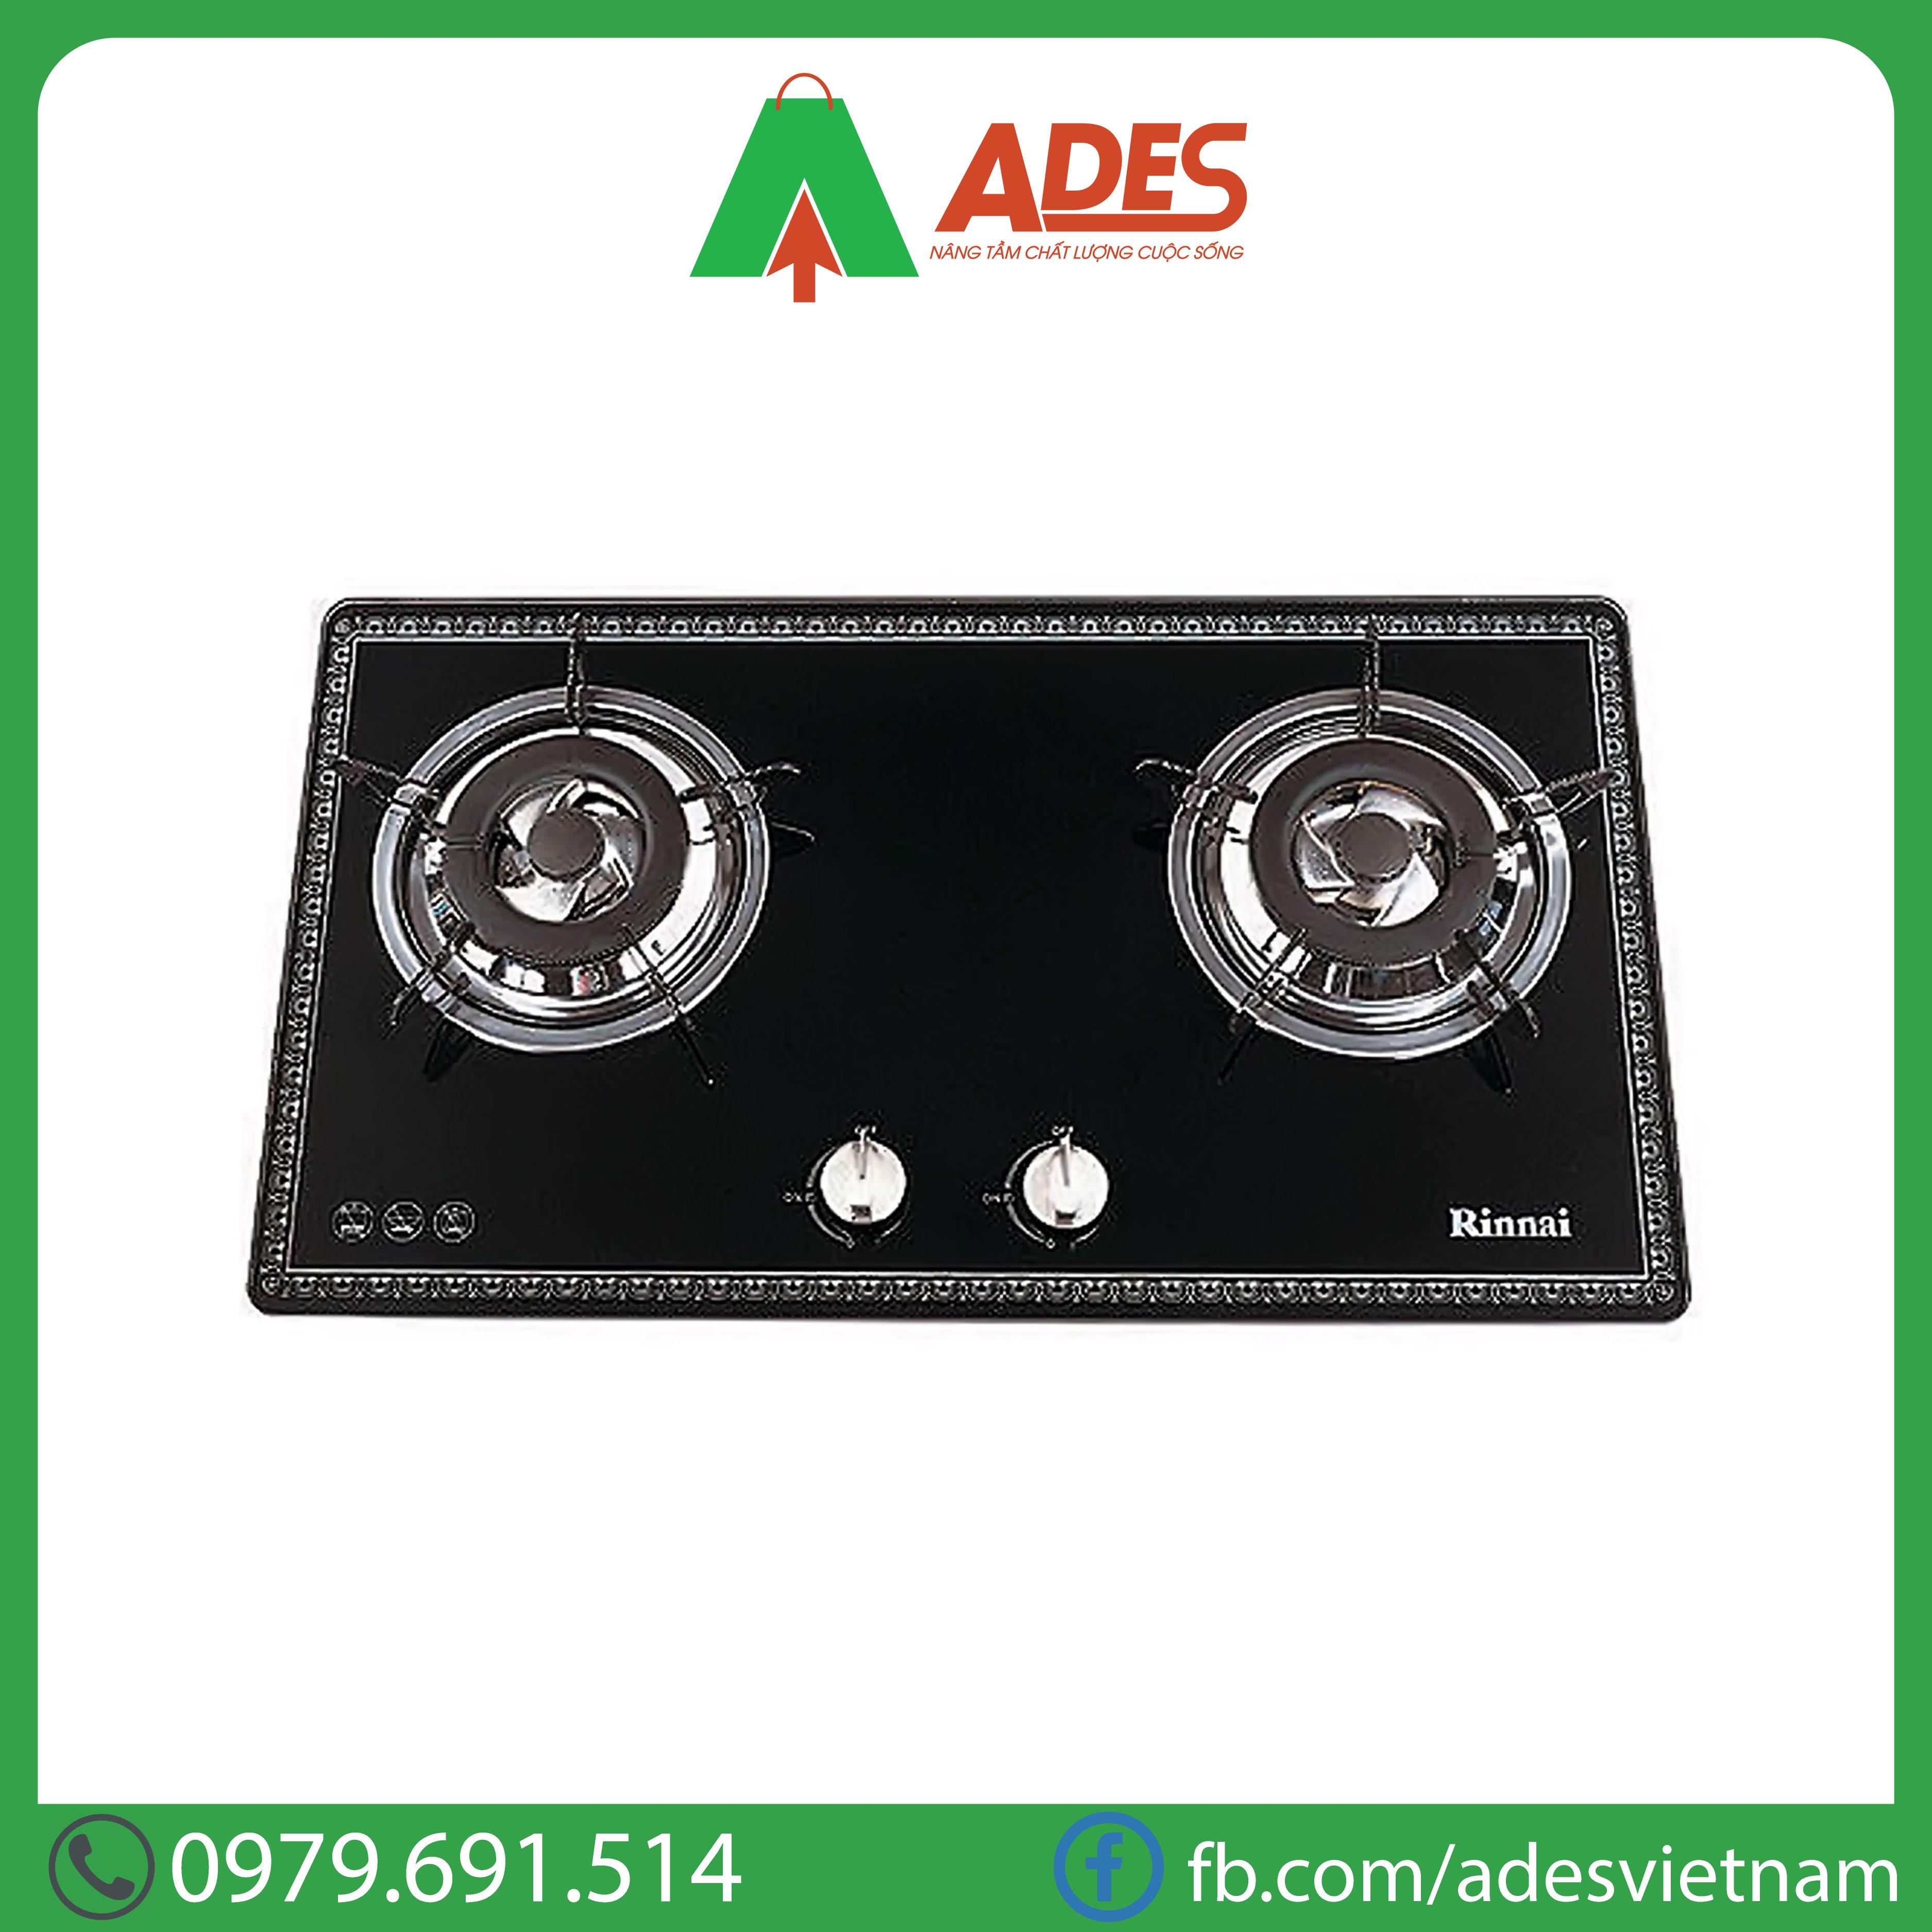 Bếp âm Nhập khẩu Rinnai RV - 2BG ( F) | Điện máy giá gốc ADES